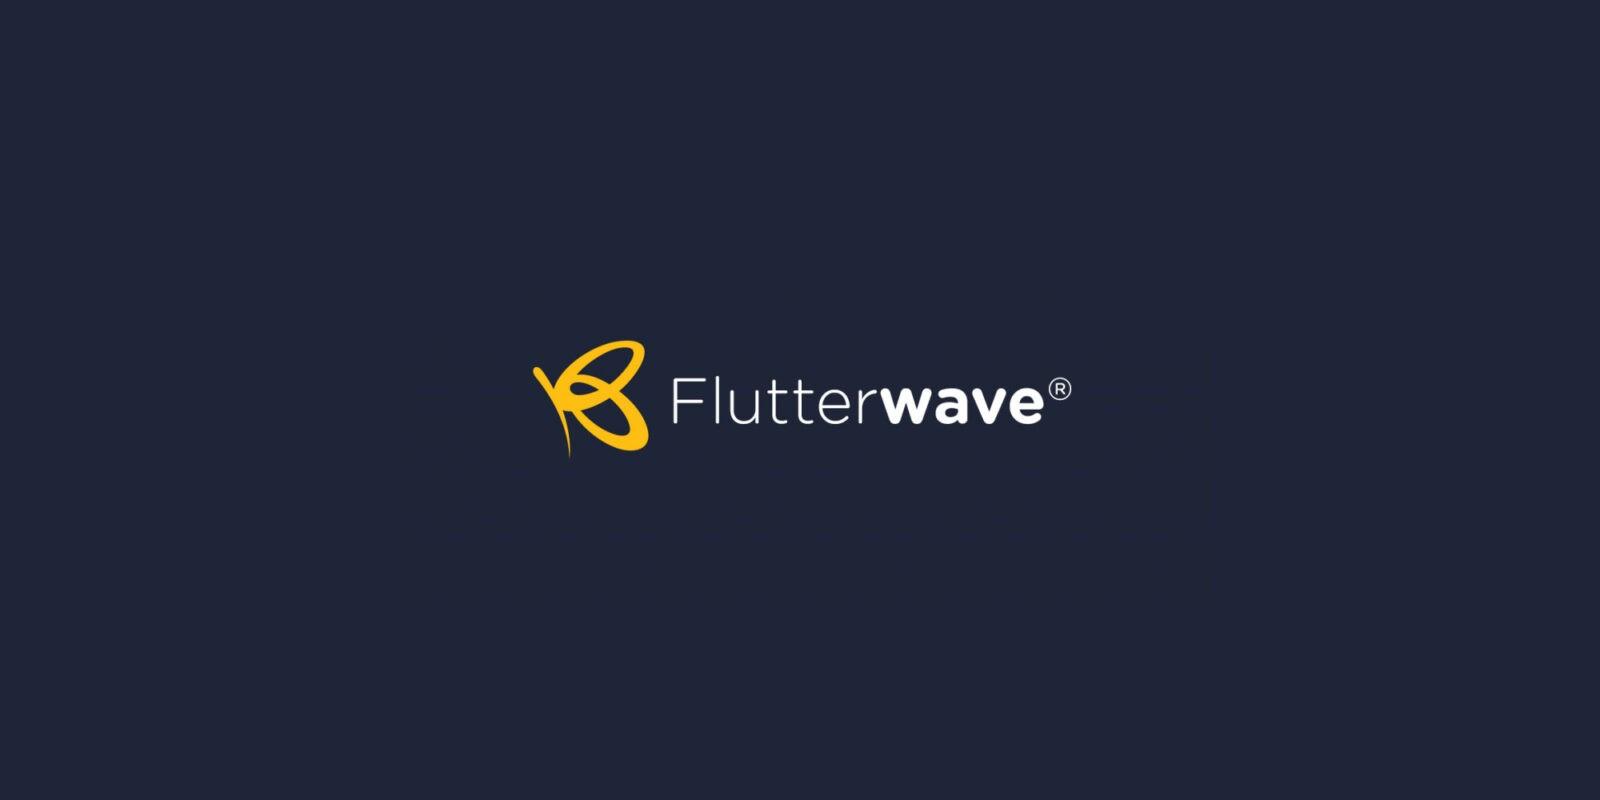 Flutterwave bank debit alert